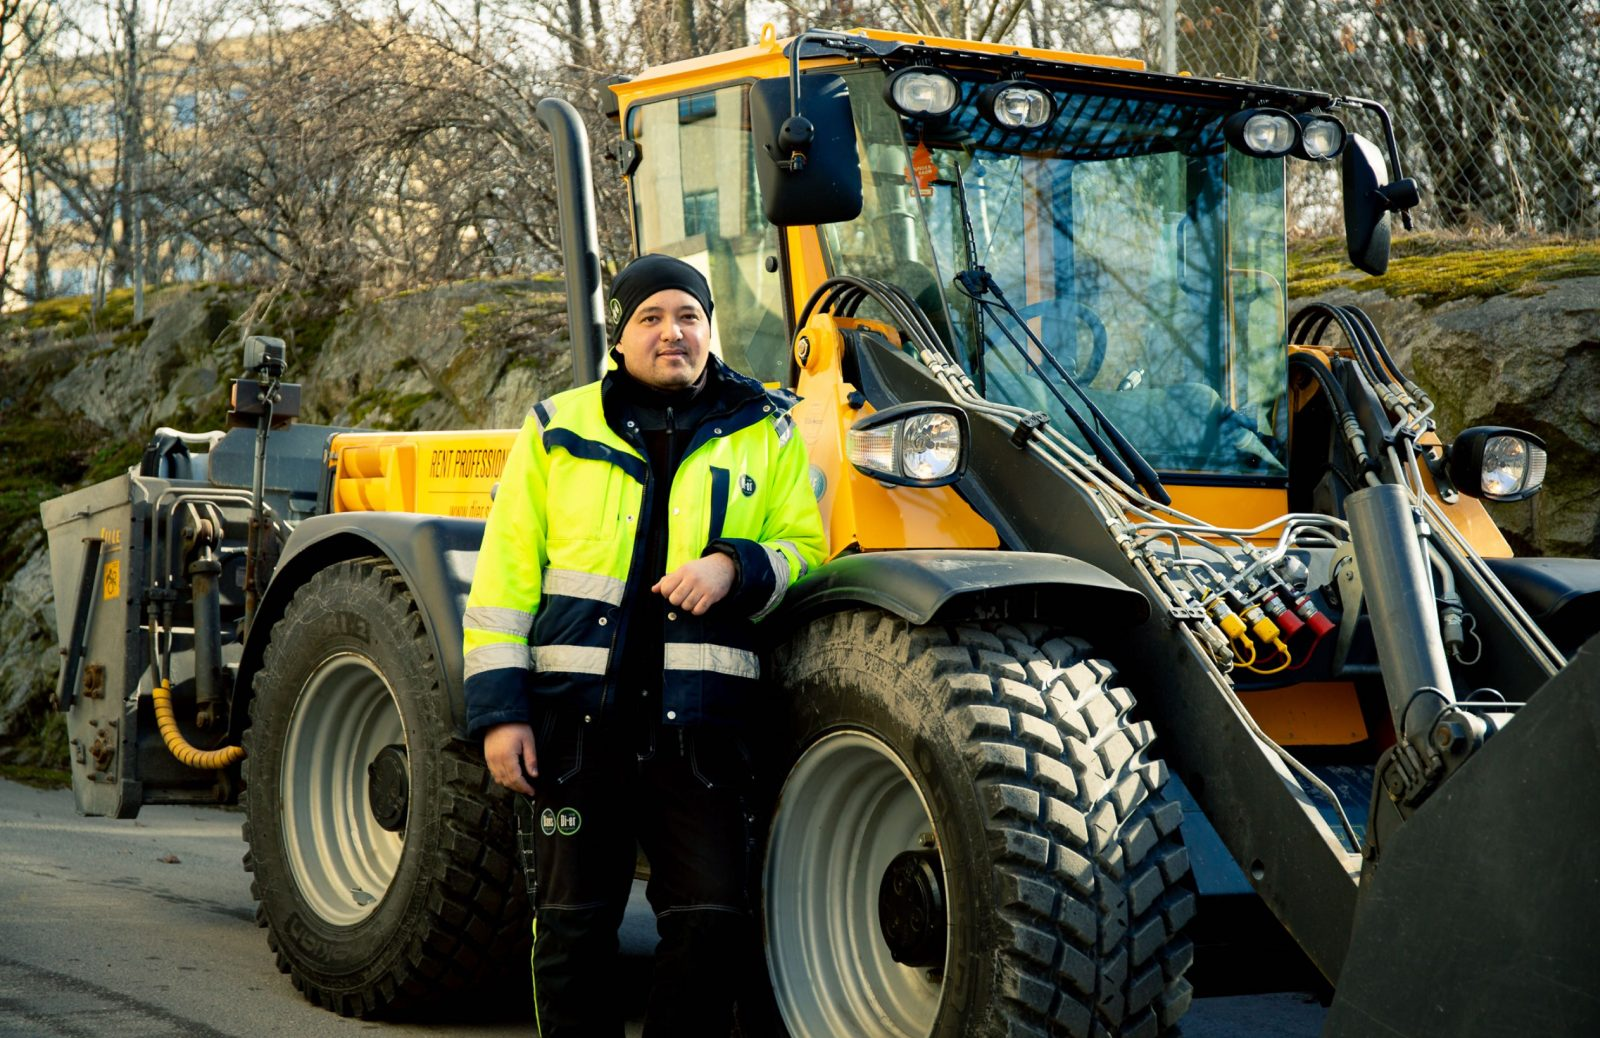 en man står vid en gul traktor